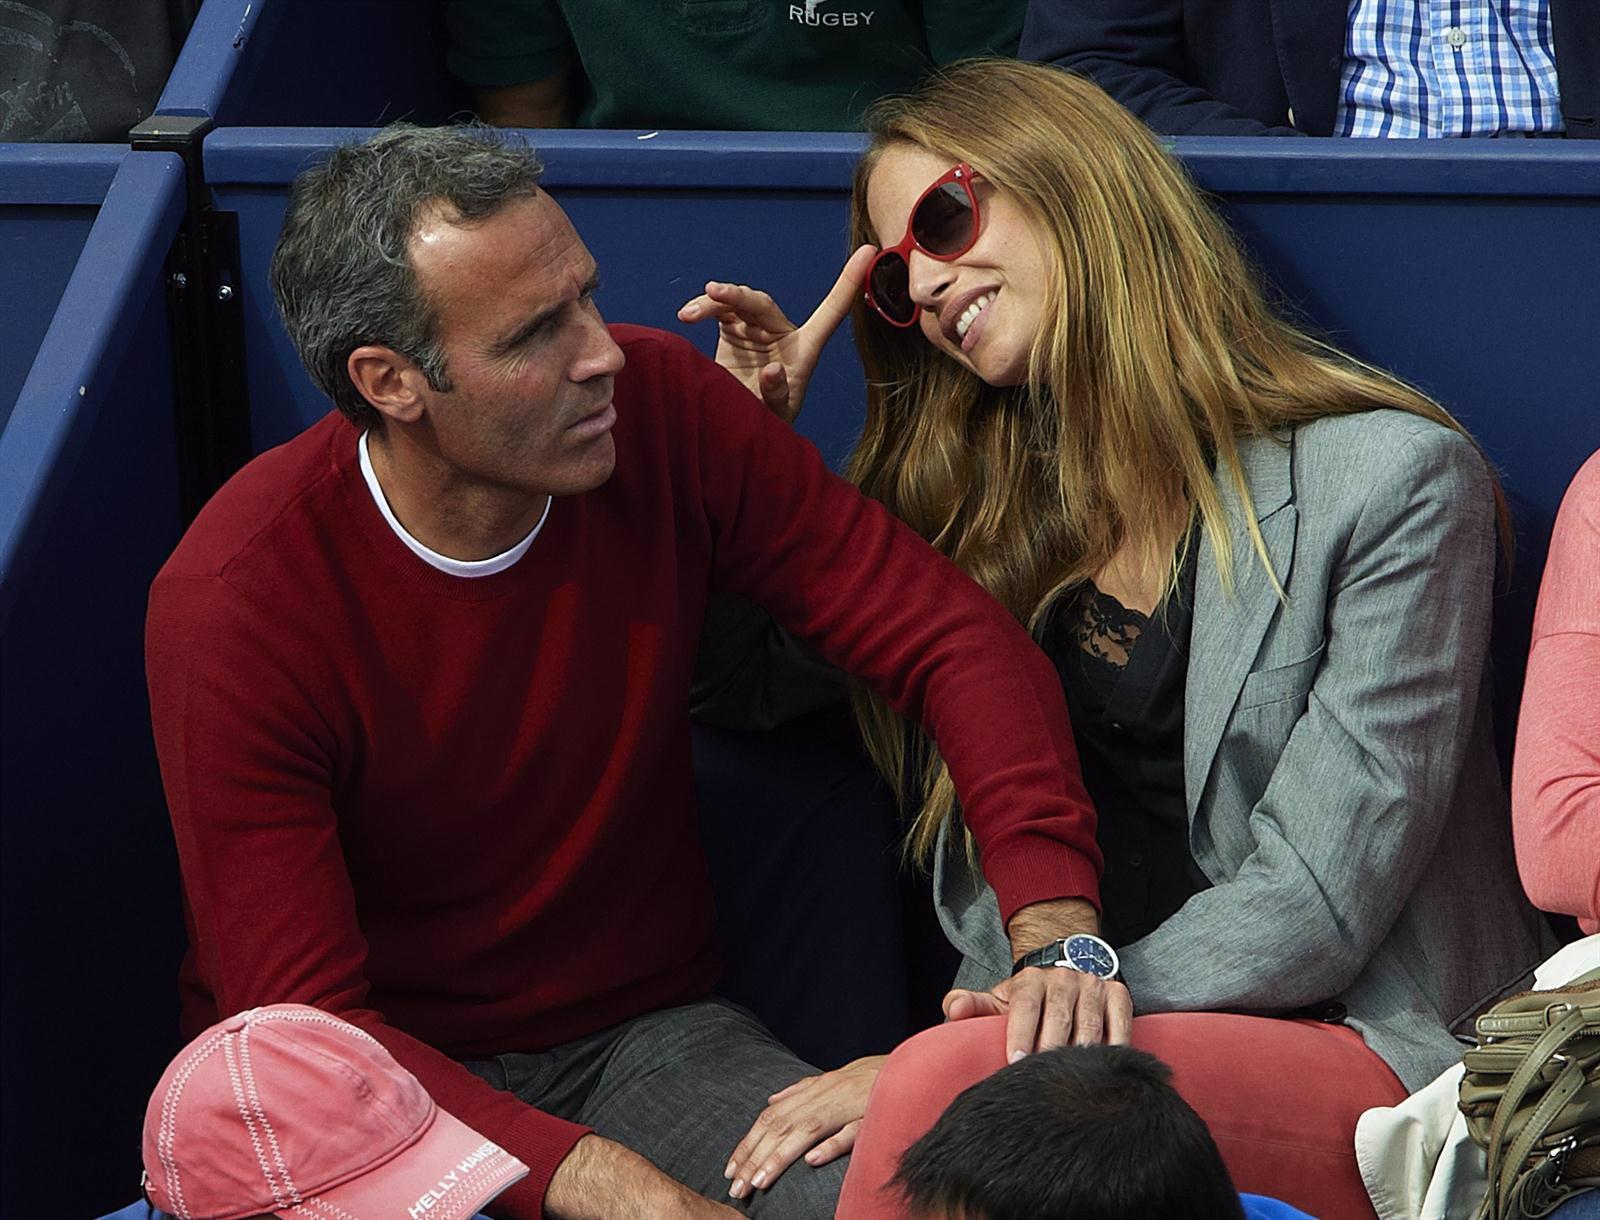 Martina Klein Y Alex Corretja En El Tenis